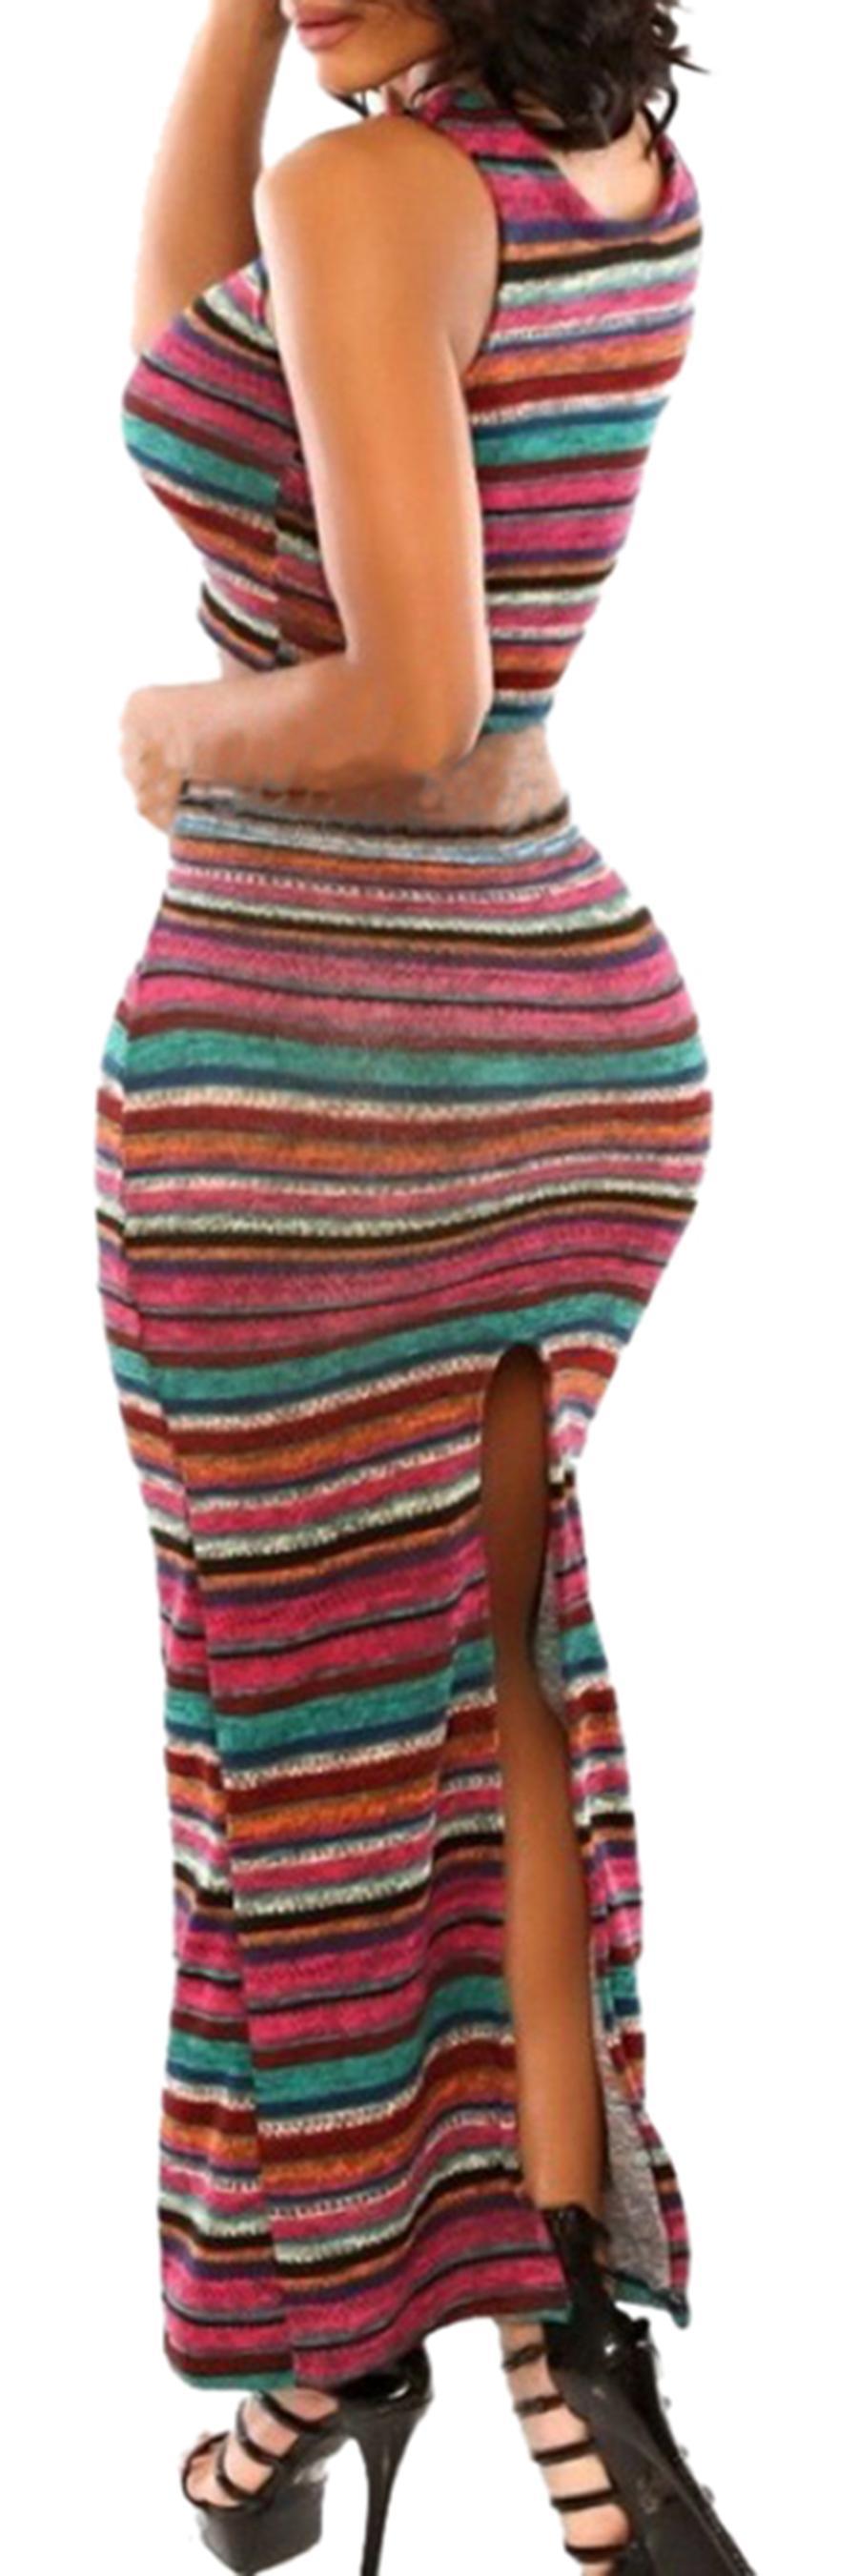 Waooh - Set top and skirt slit Moir